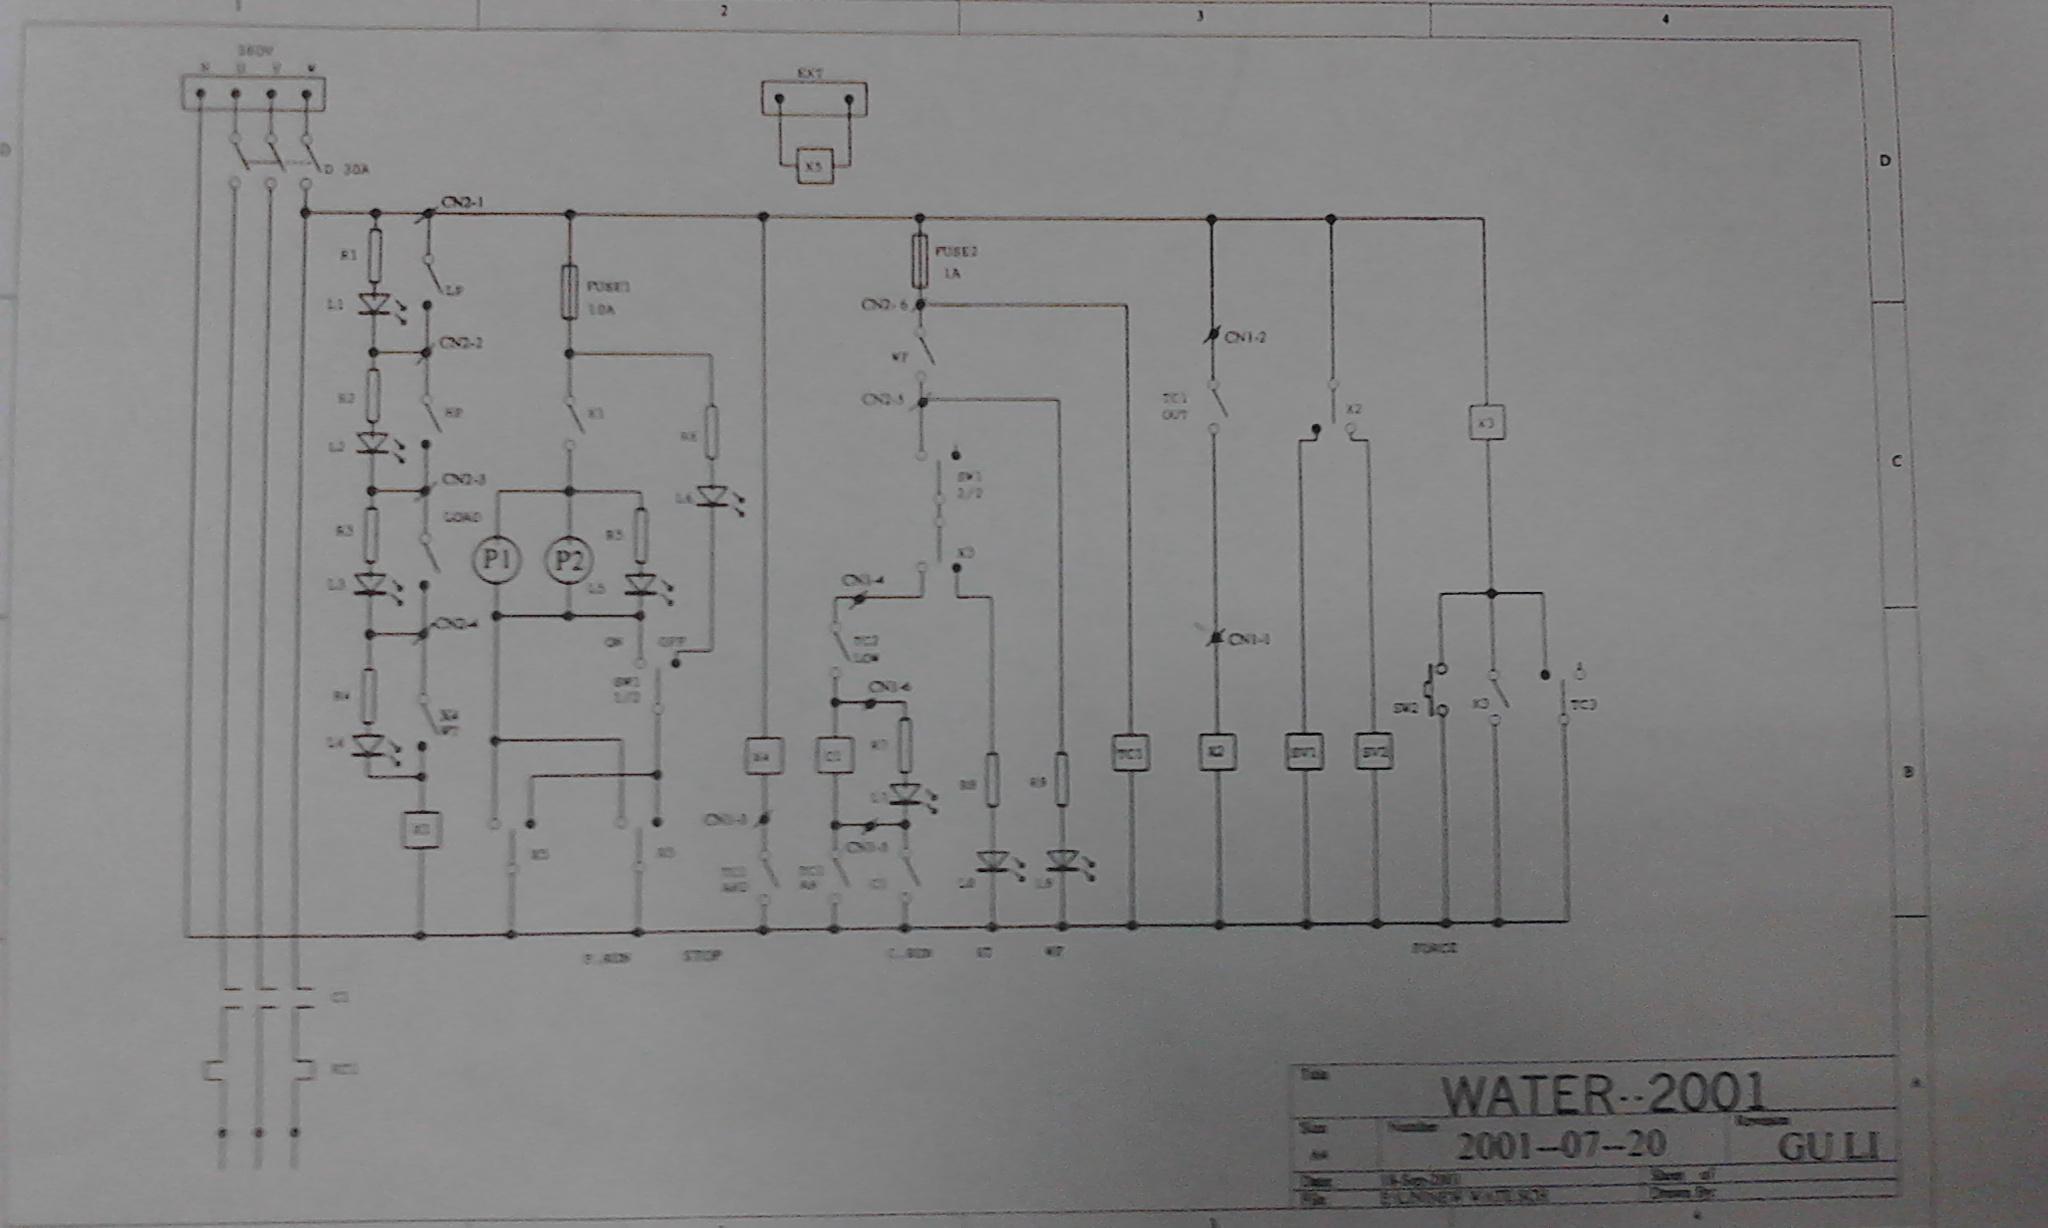 求电工达人对这张电路图作出详解,急用,谢谢.